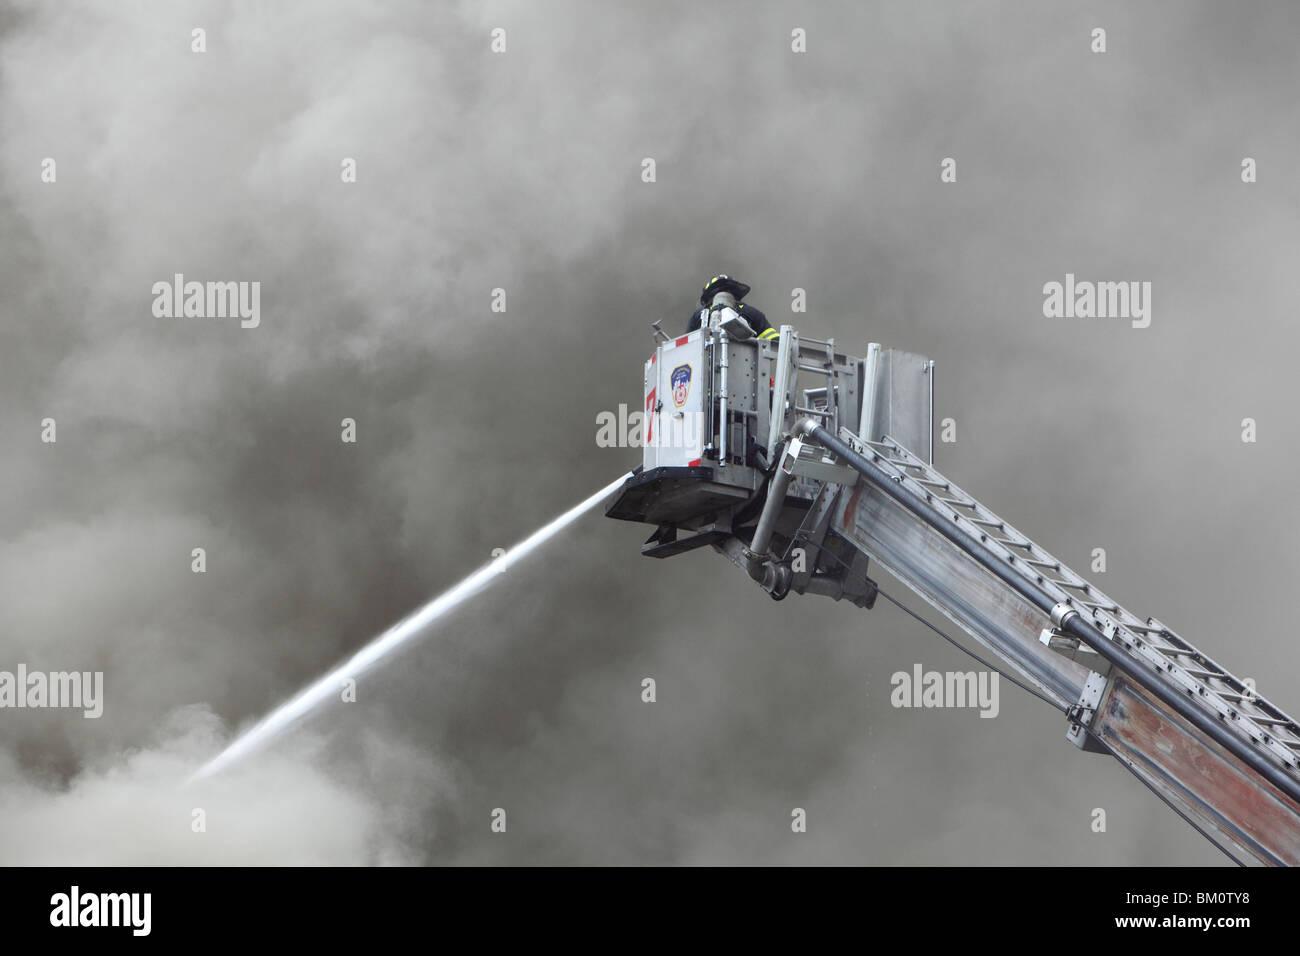 El bombero luchando con un humo Foto de stock